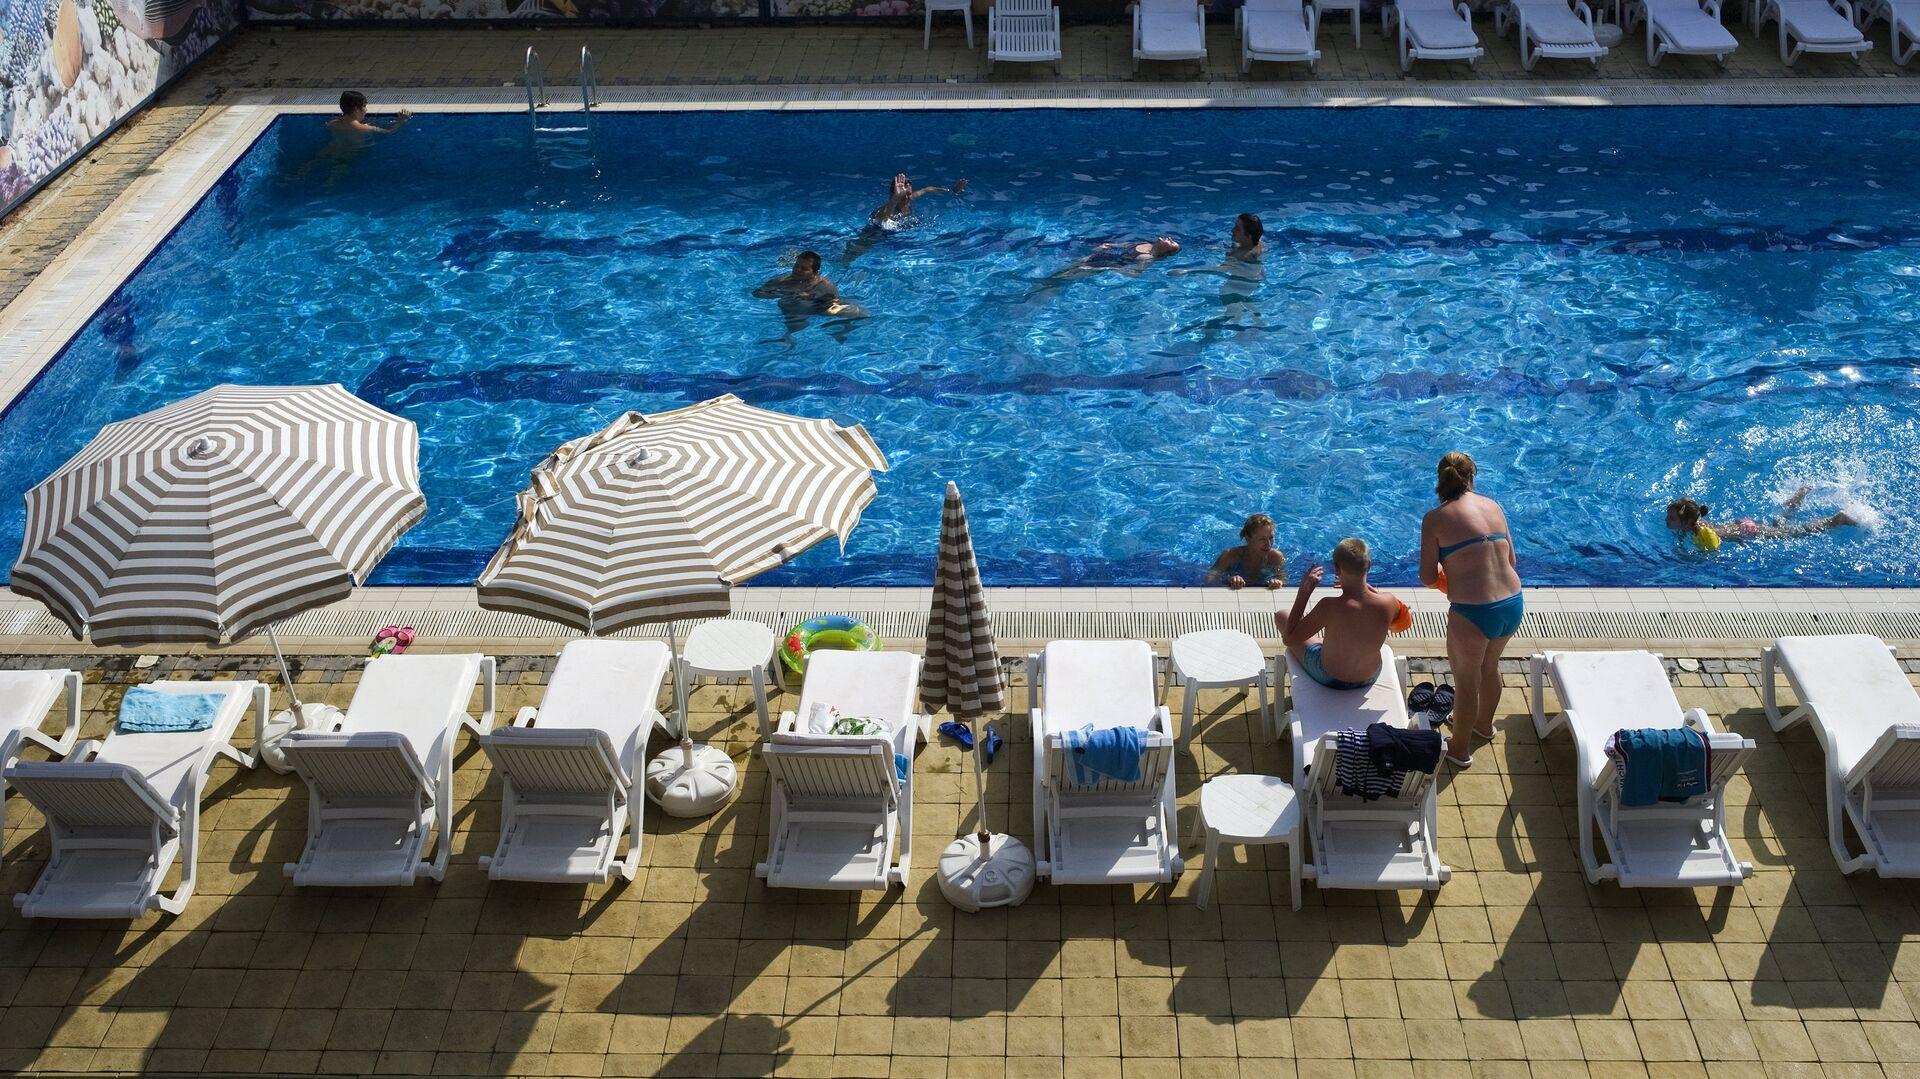 Отдыхающие у бассейна в семейном отеле Мар Ле Мар  - РИА Новости, 1920, 12.10.2021